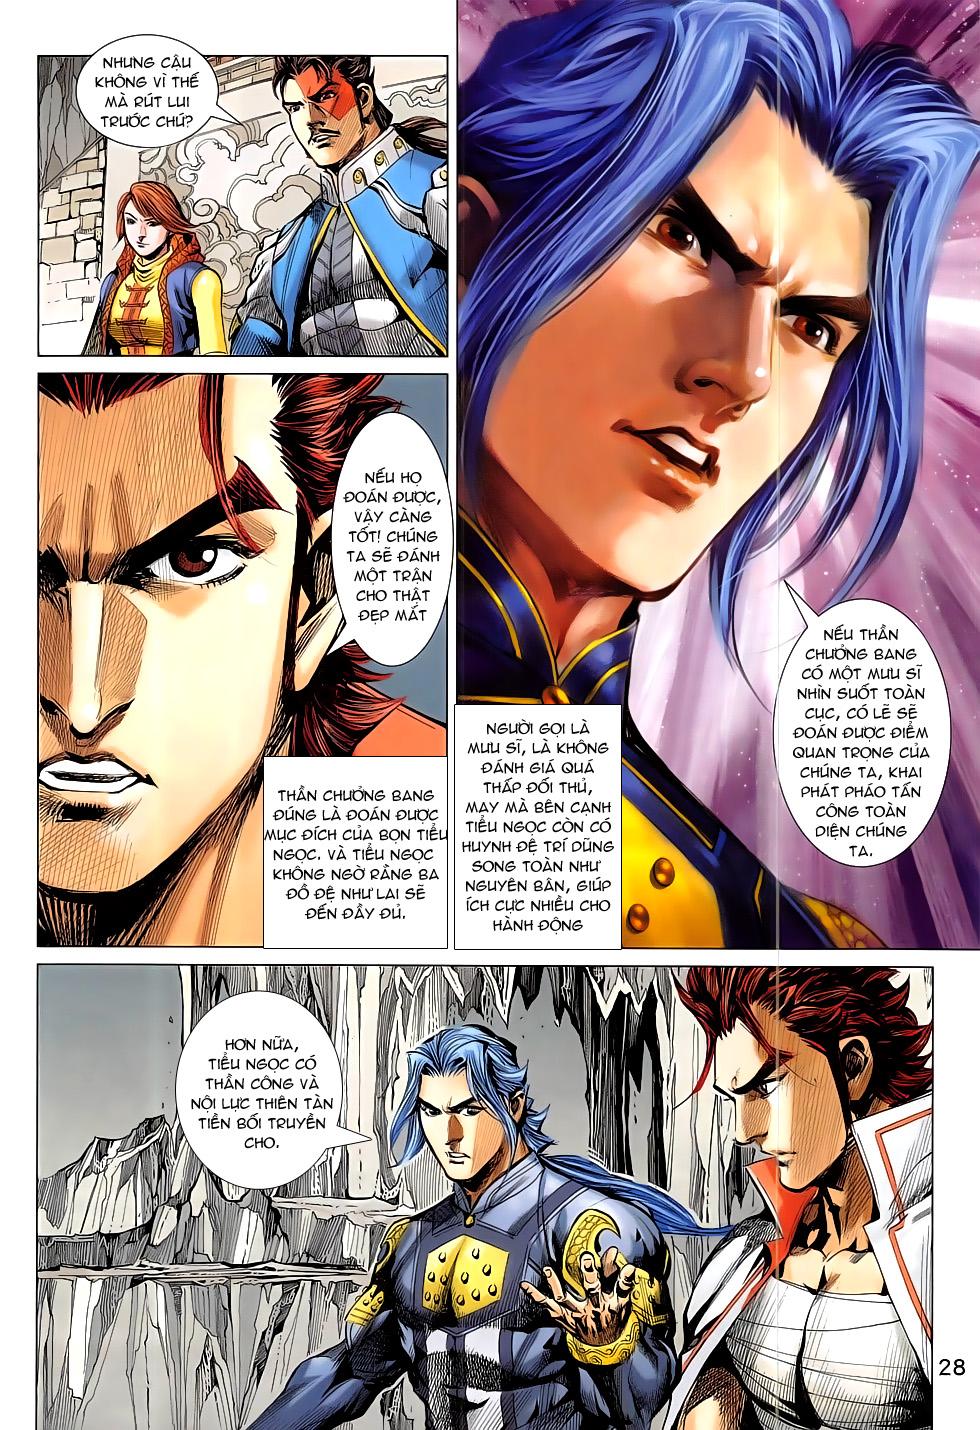 Thần Chưởng trang 28